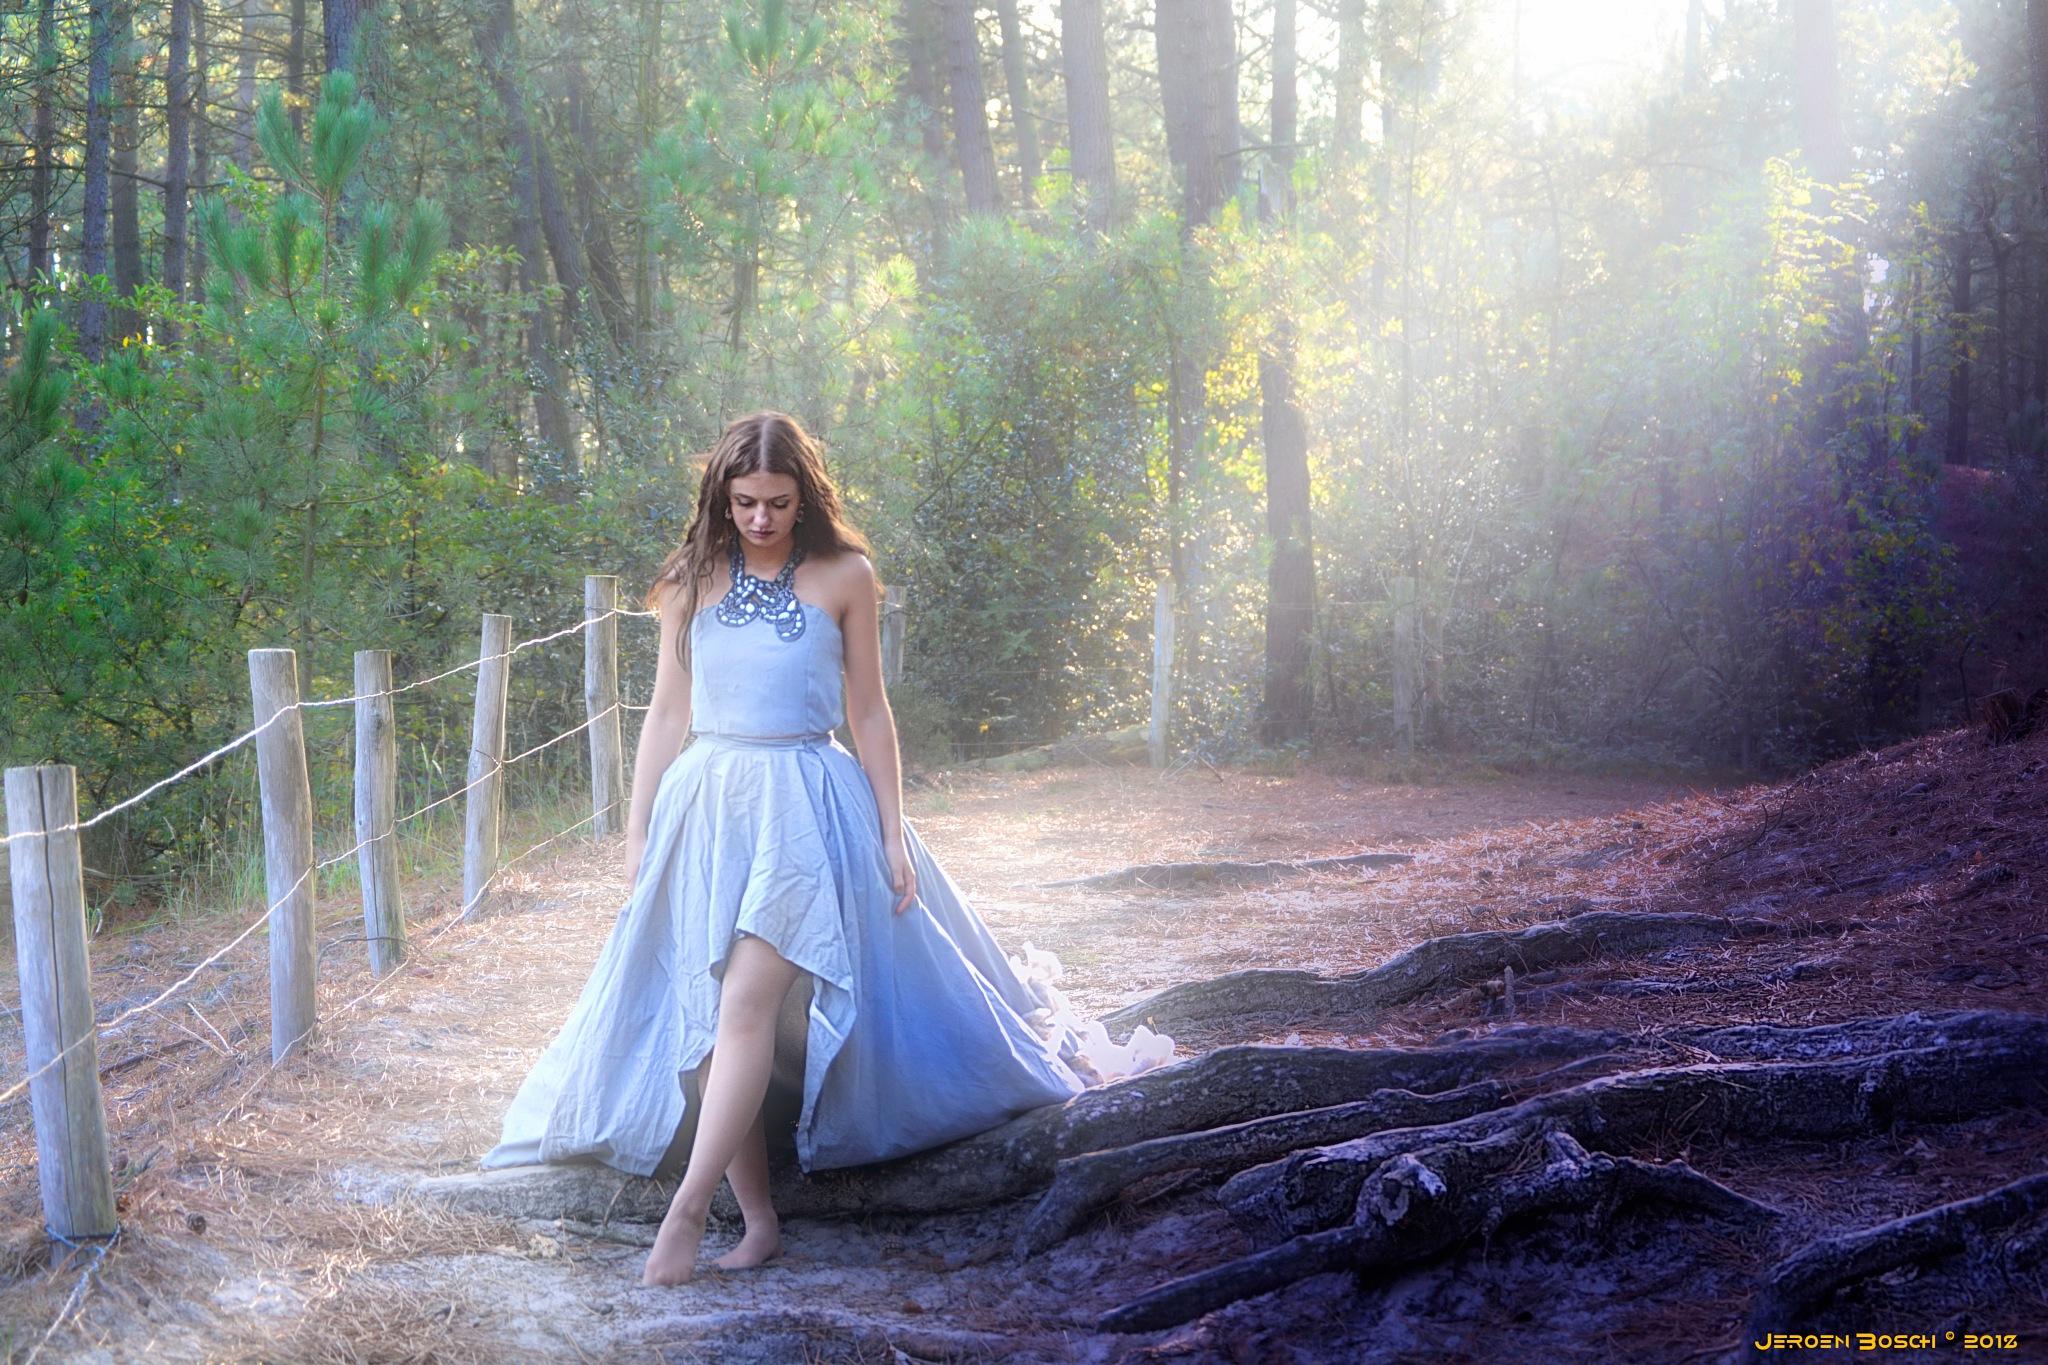 Enchanted  by jeroen bosch